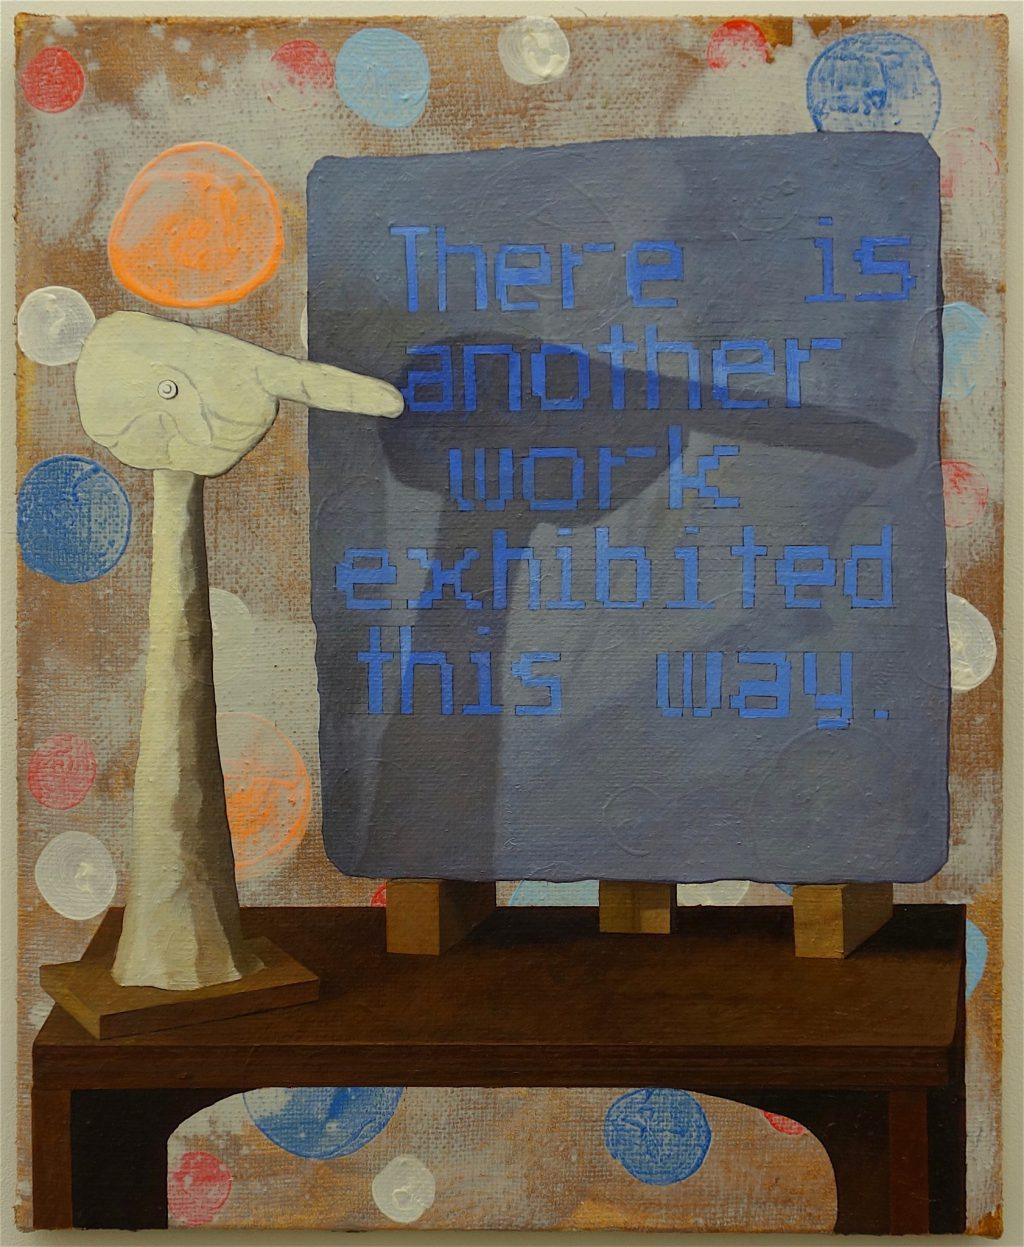 千葉正也 CHIBA Masaya 「こっちにも作品が展示されています。There is another work exhibited this way.」2018 キャンバス、油彩